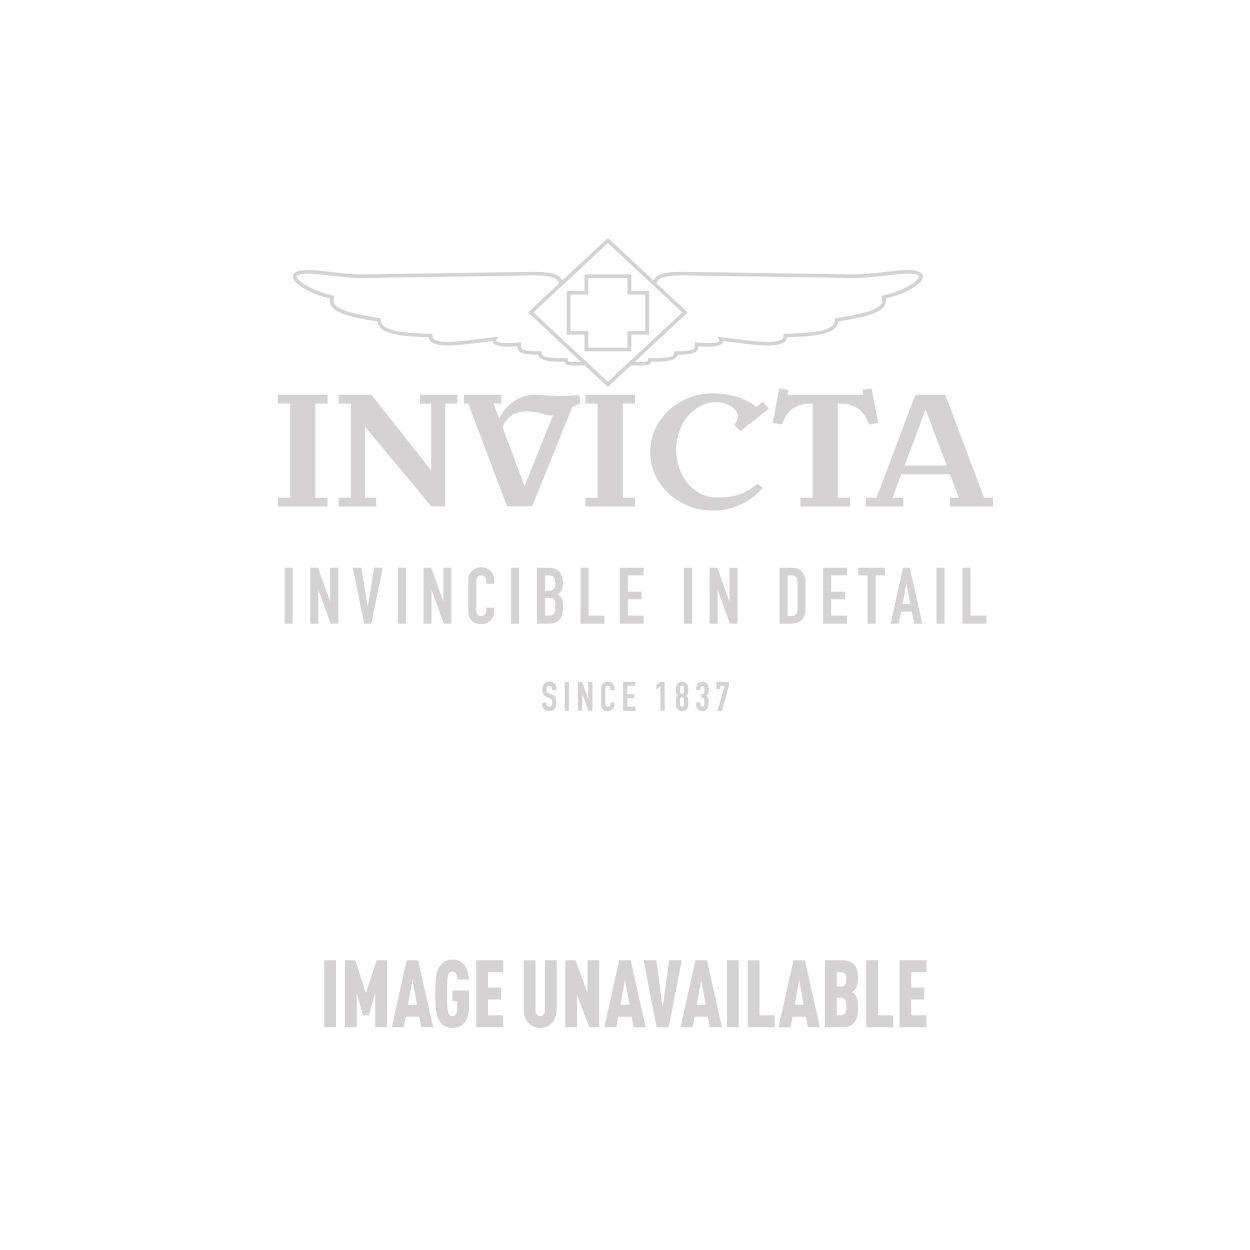 Invicta Model 28030